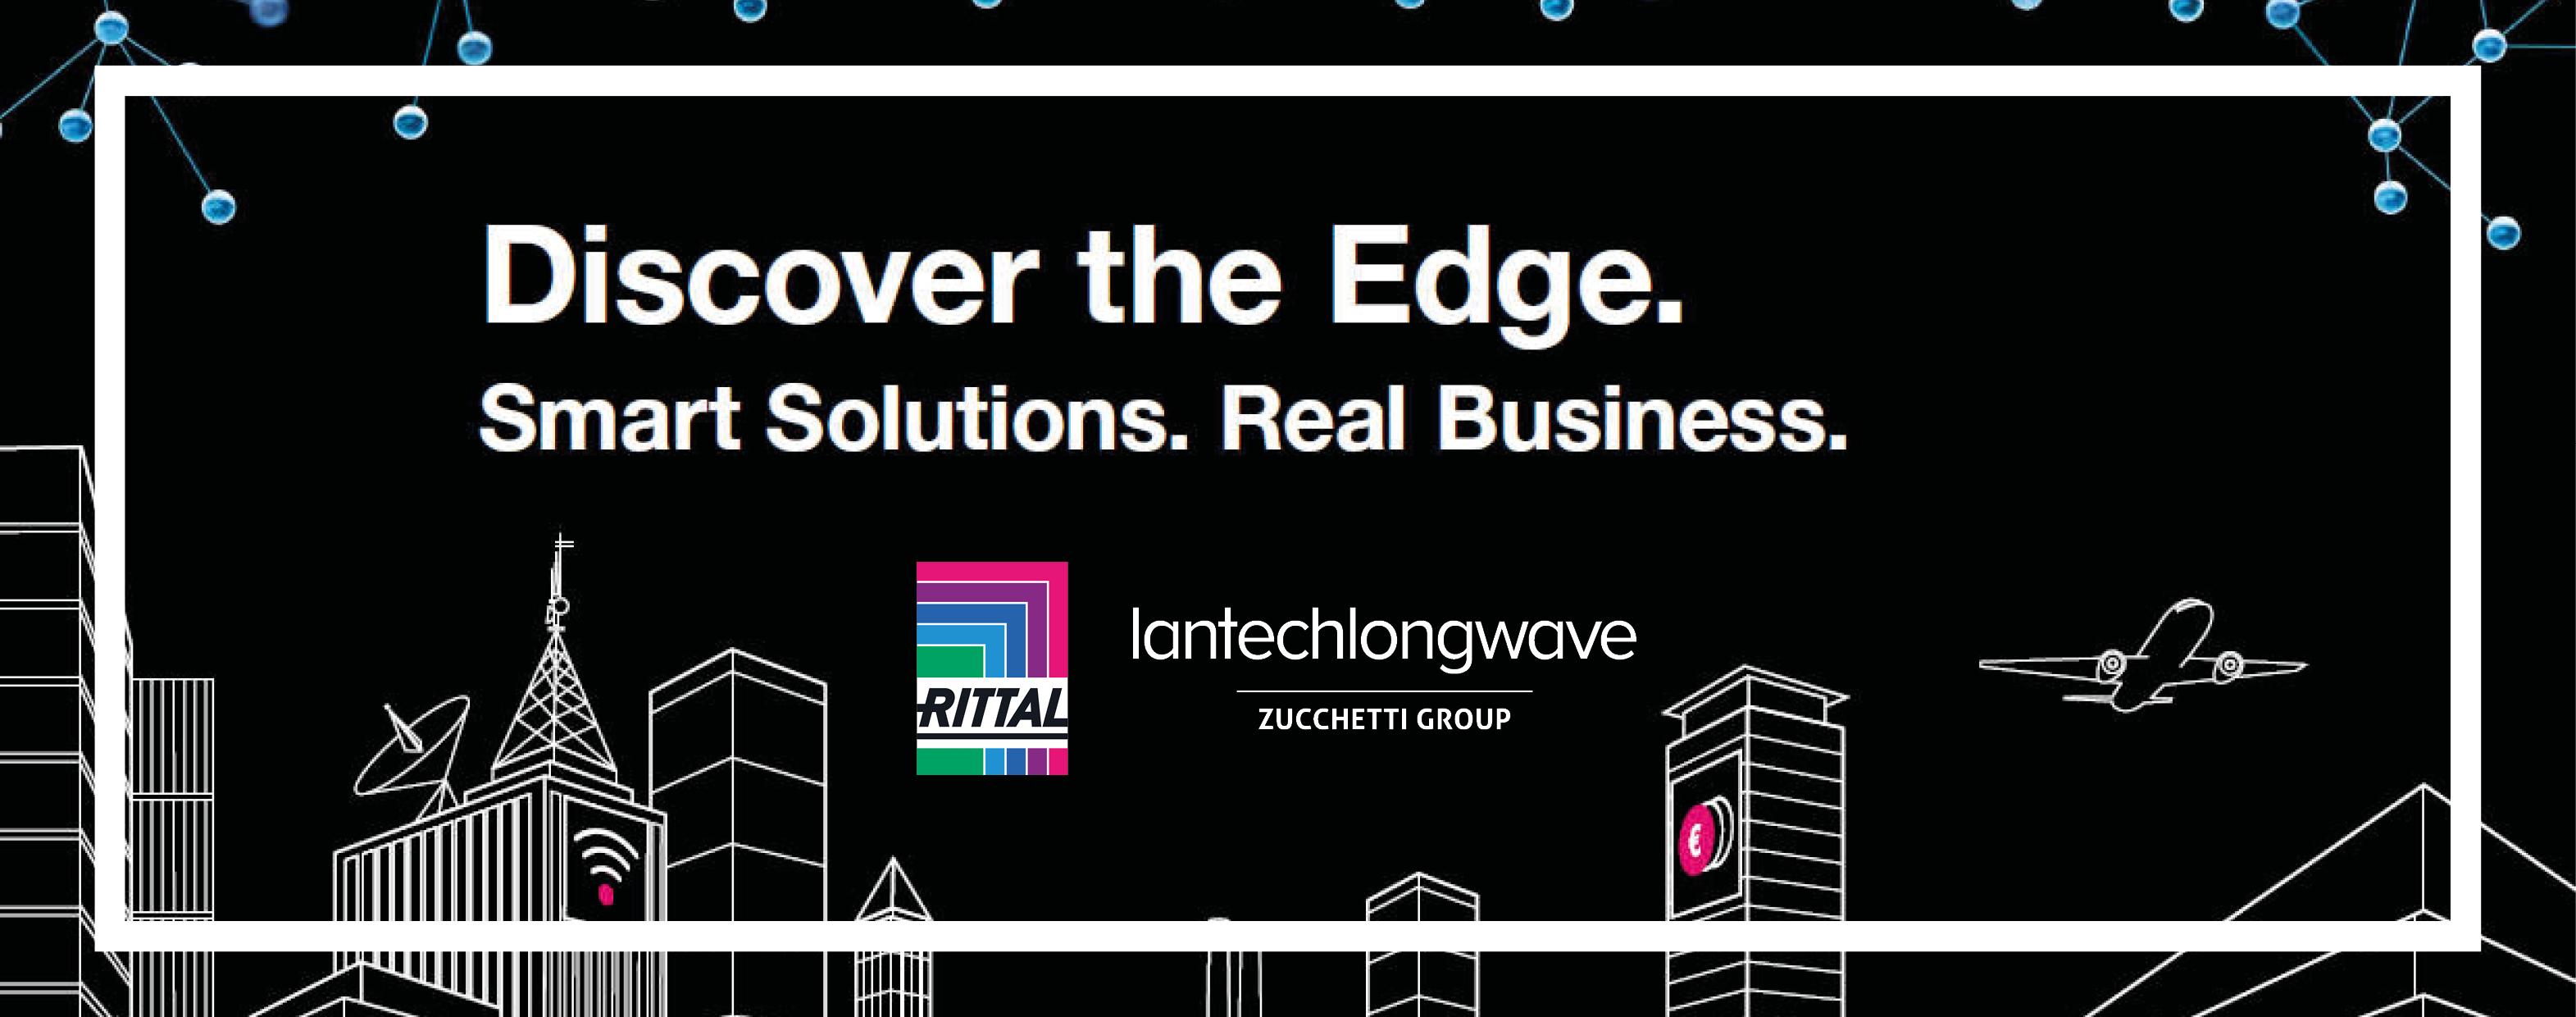 La rivoluzione edge: l'evento Lantech Longwave e Rittal in Modula S.p.A